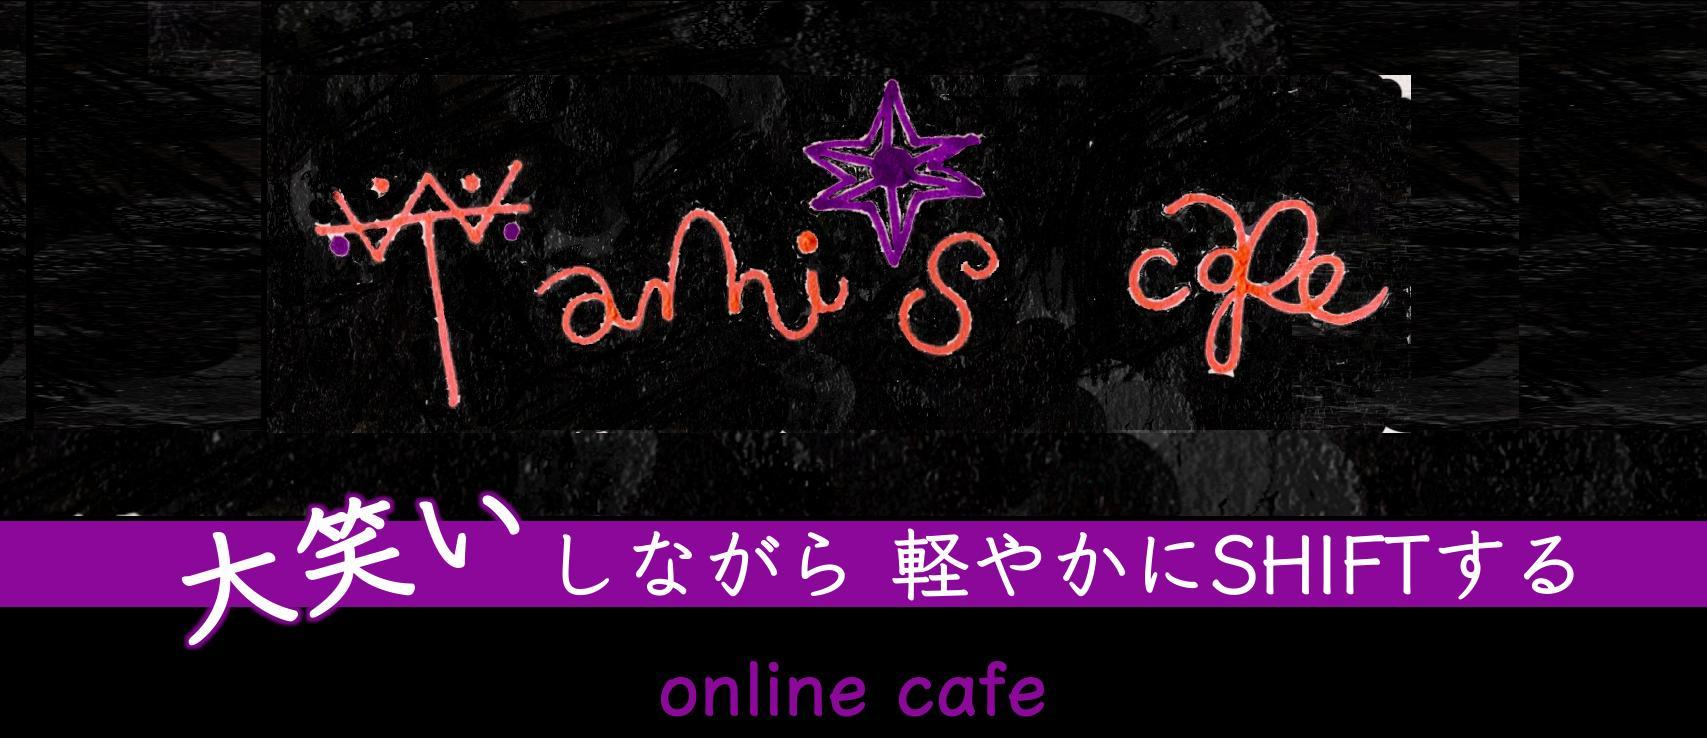 Online Cafe Tami's